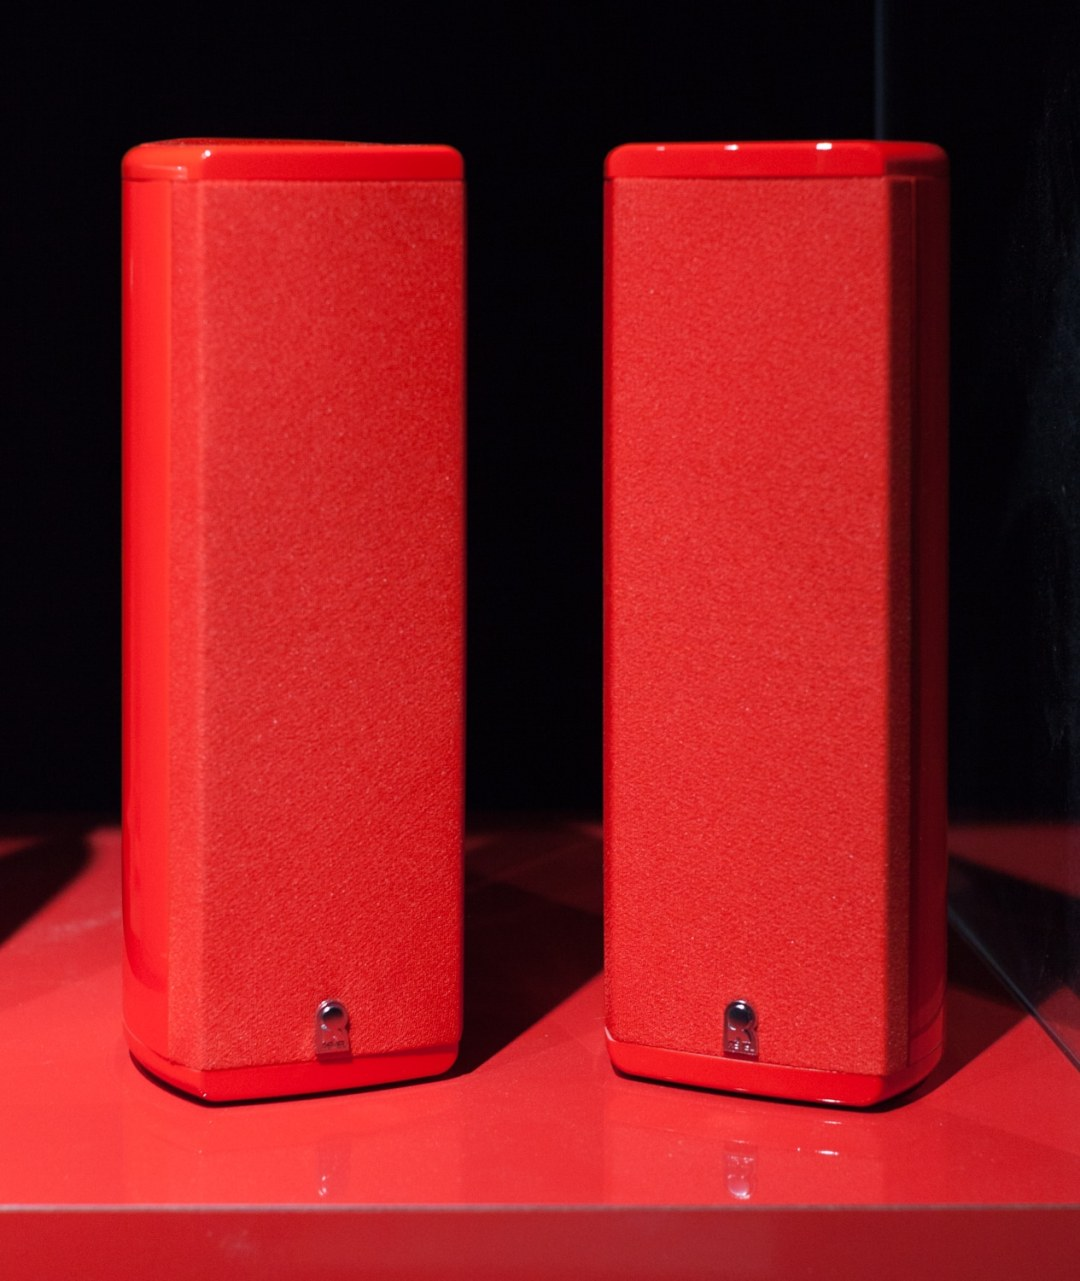 Revel M8 Red